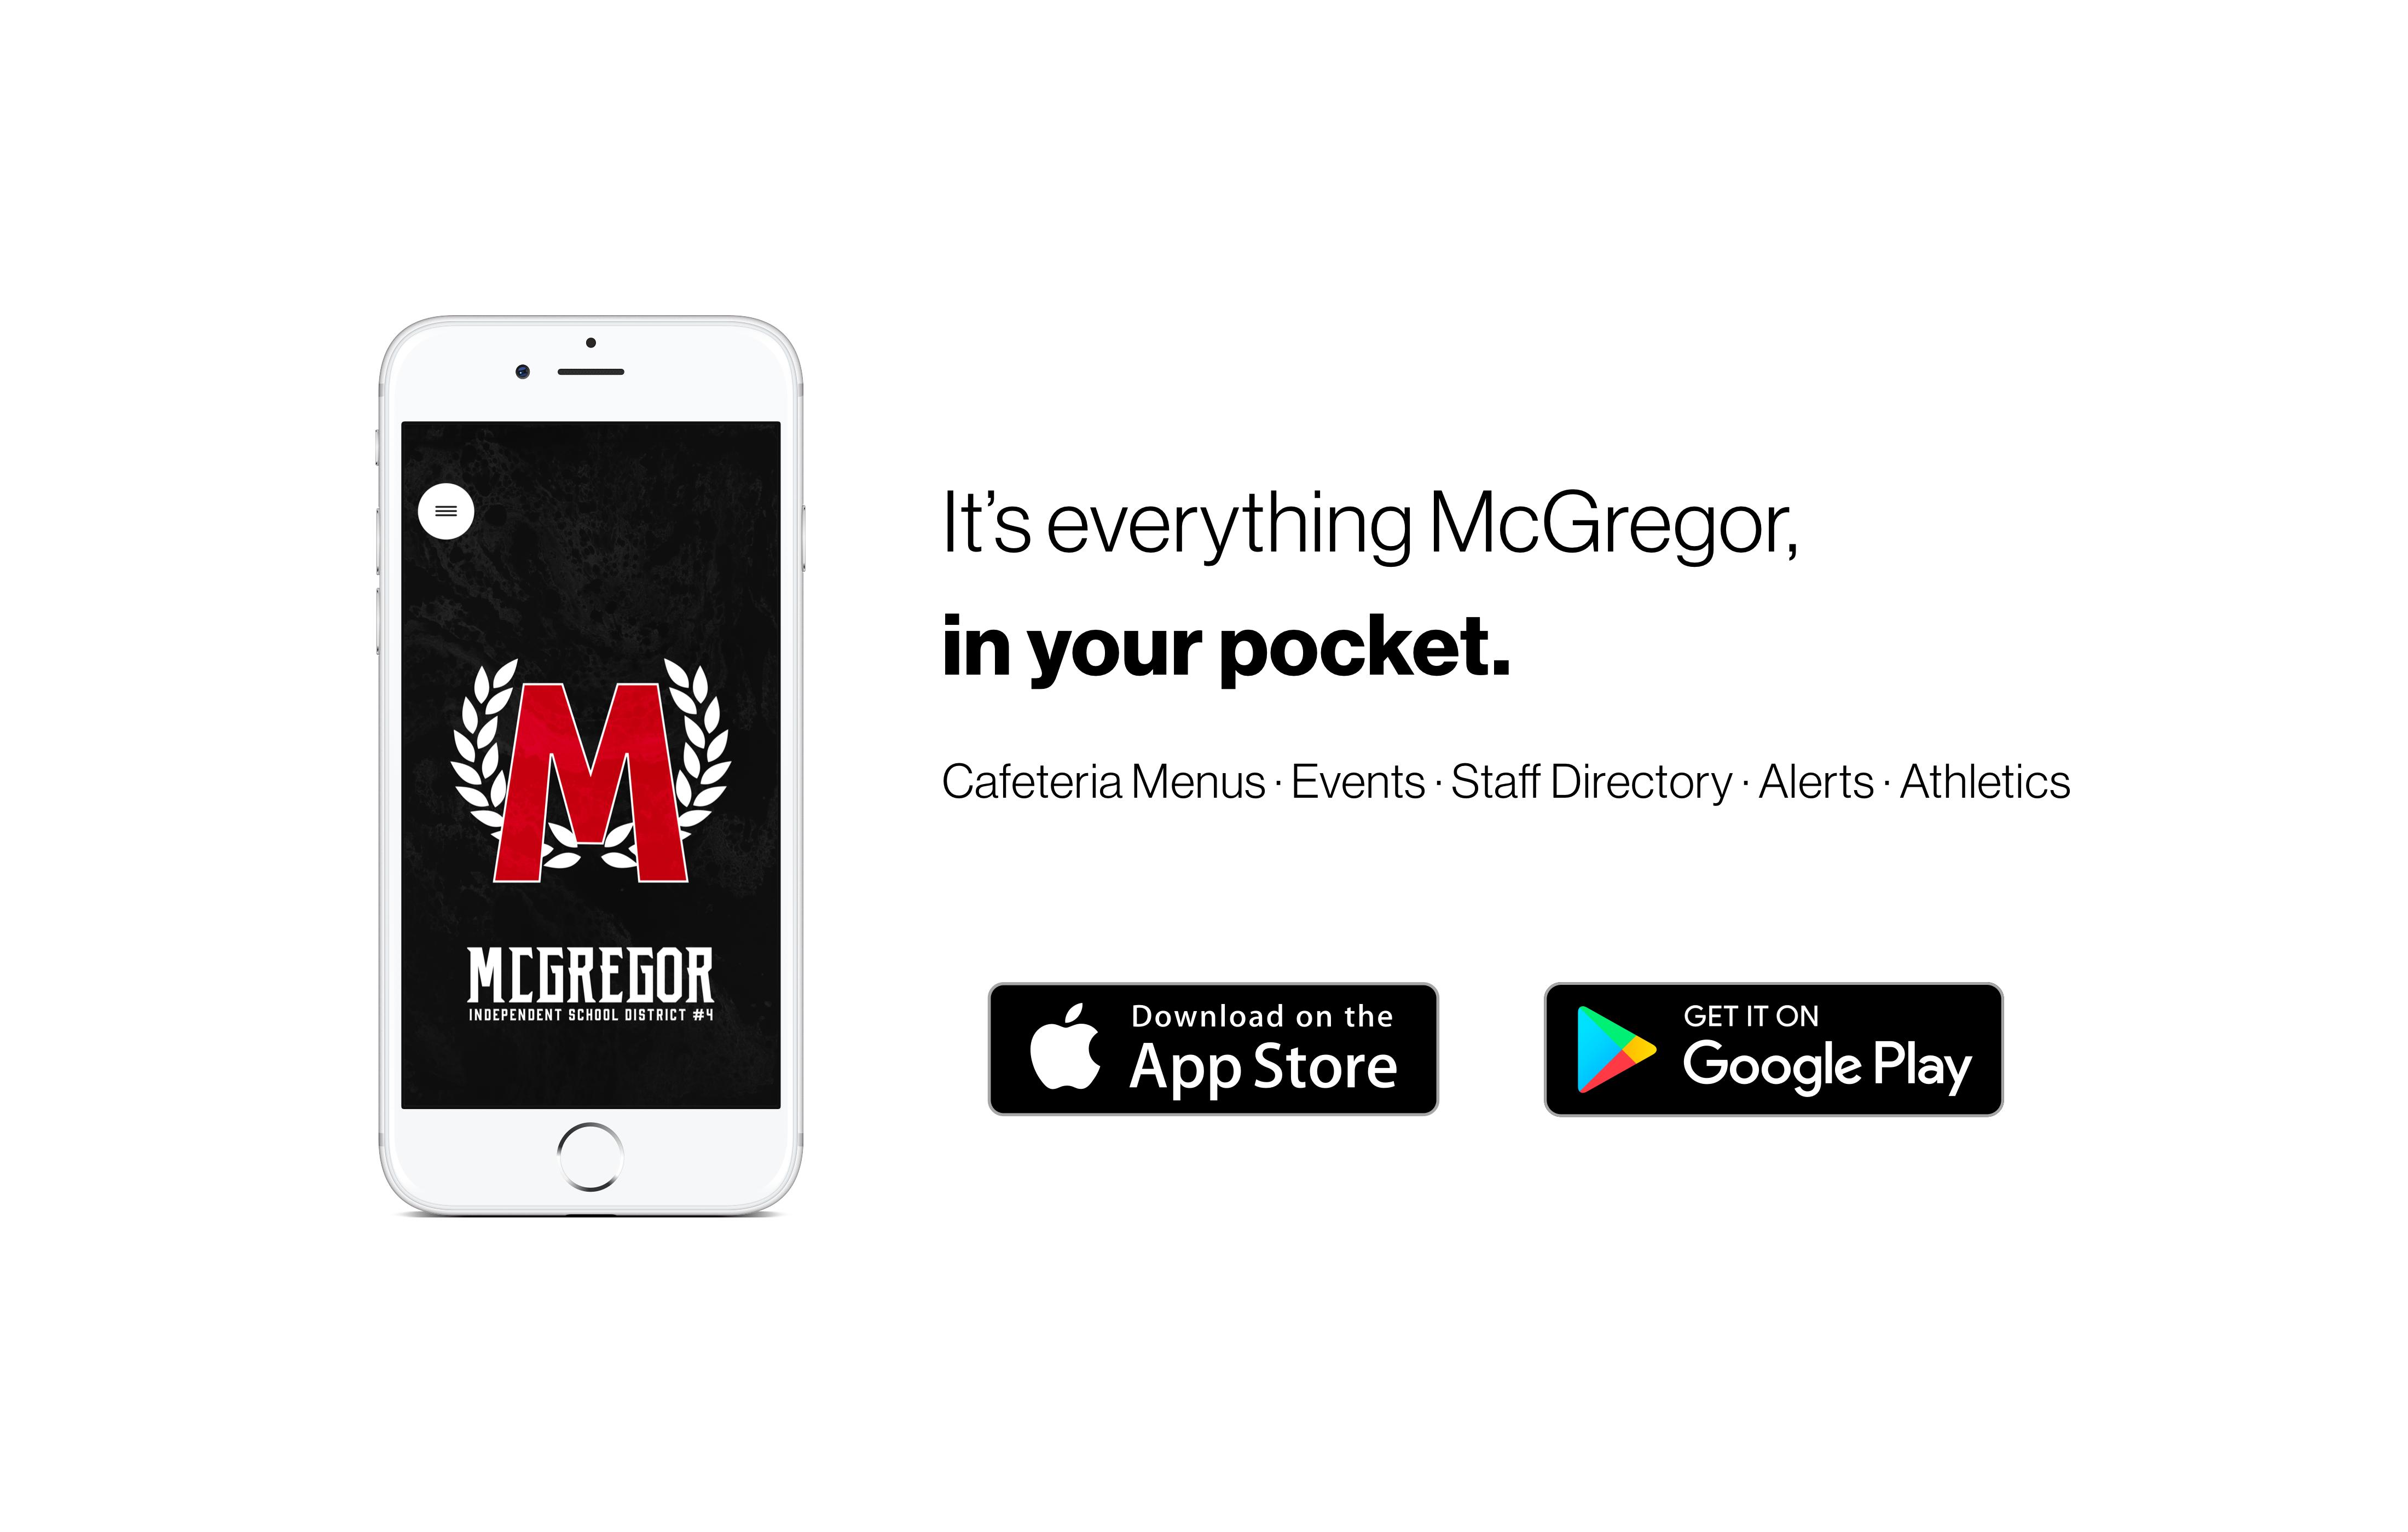 McGregor App